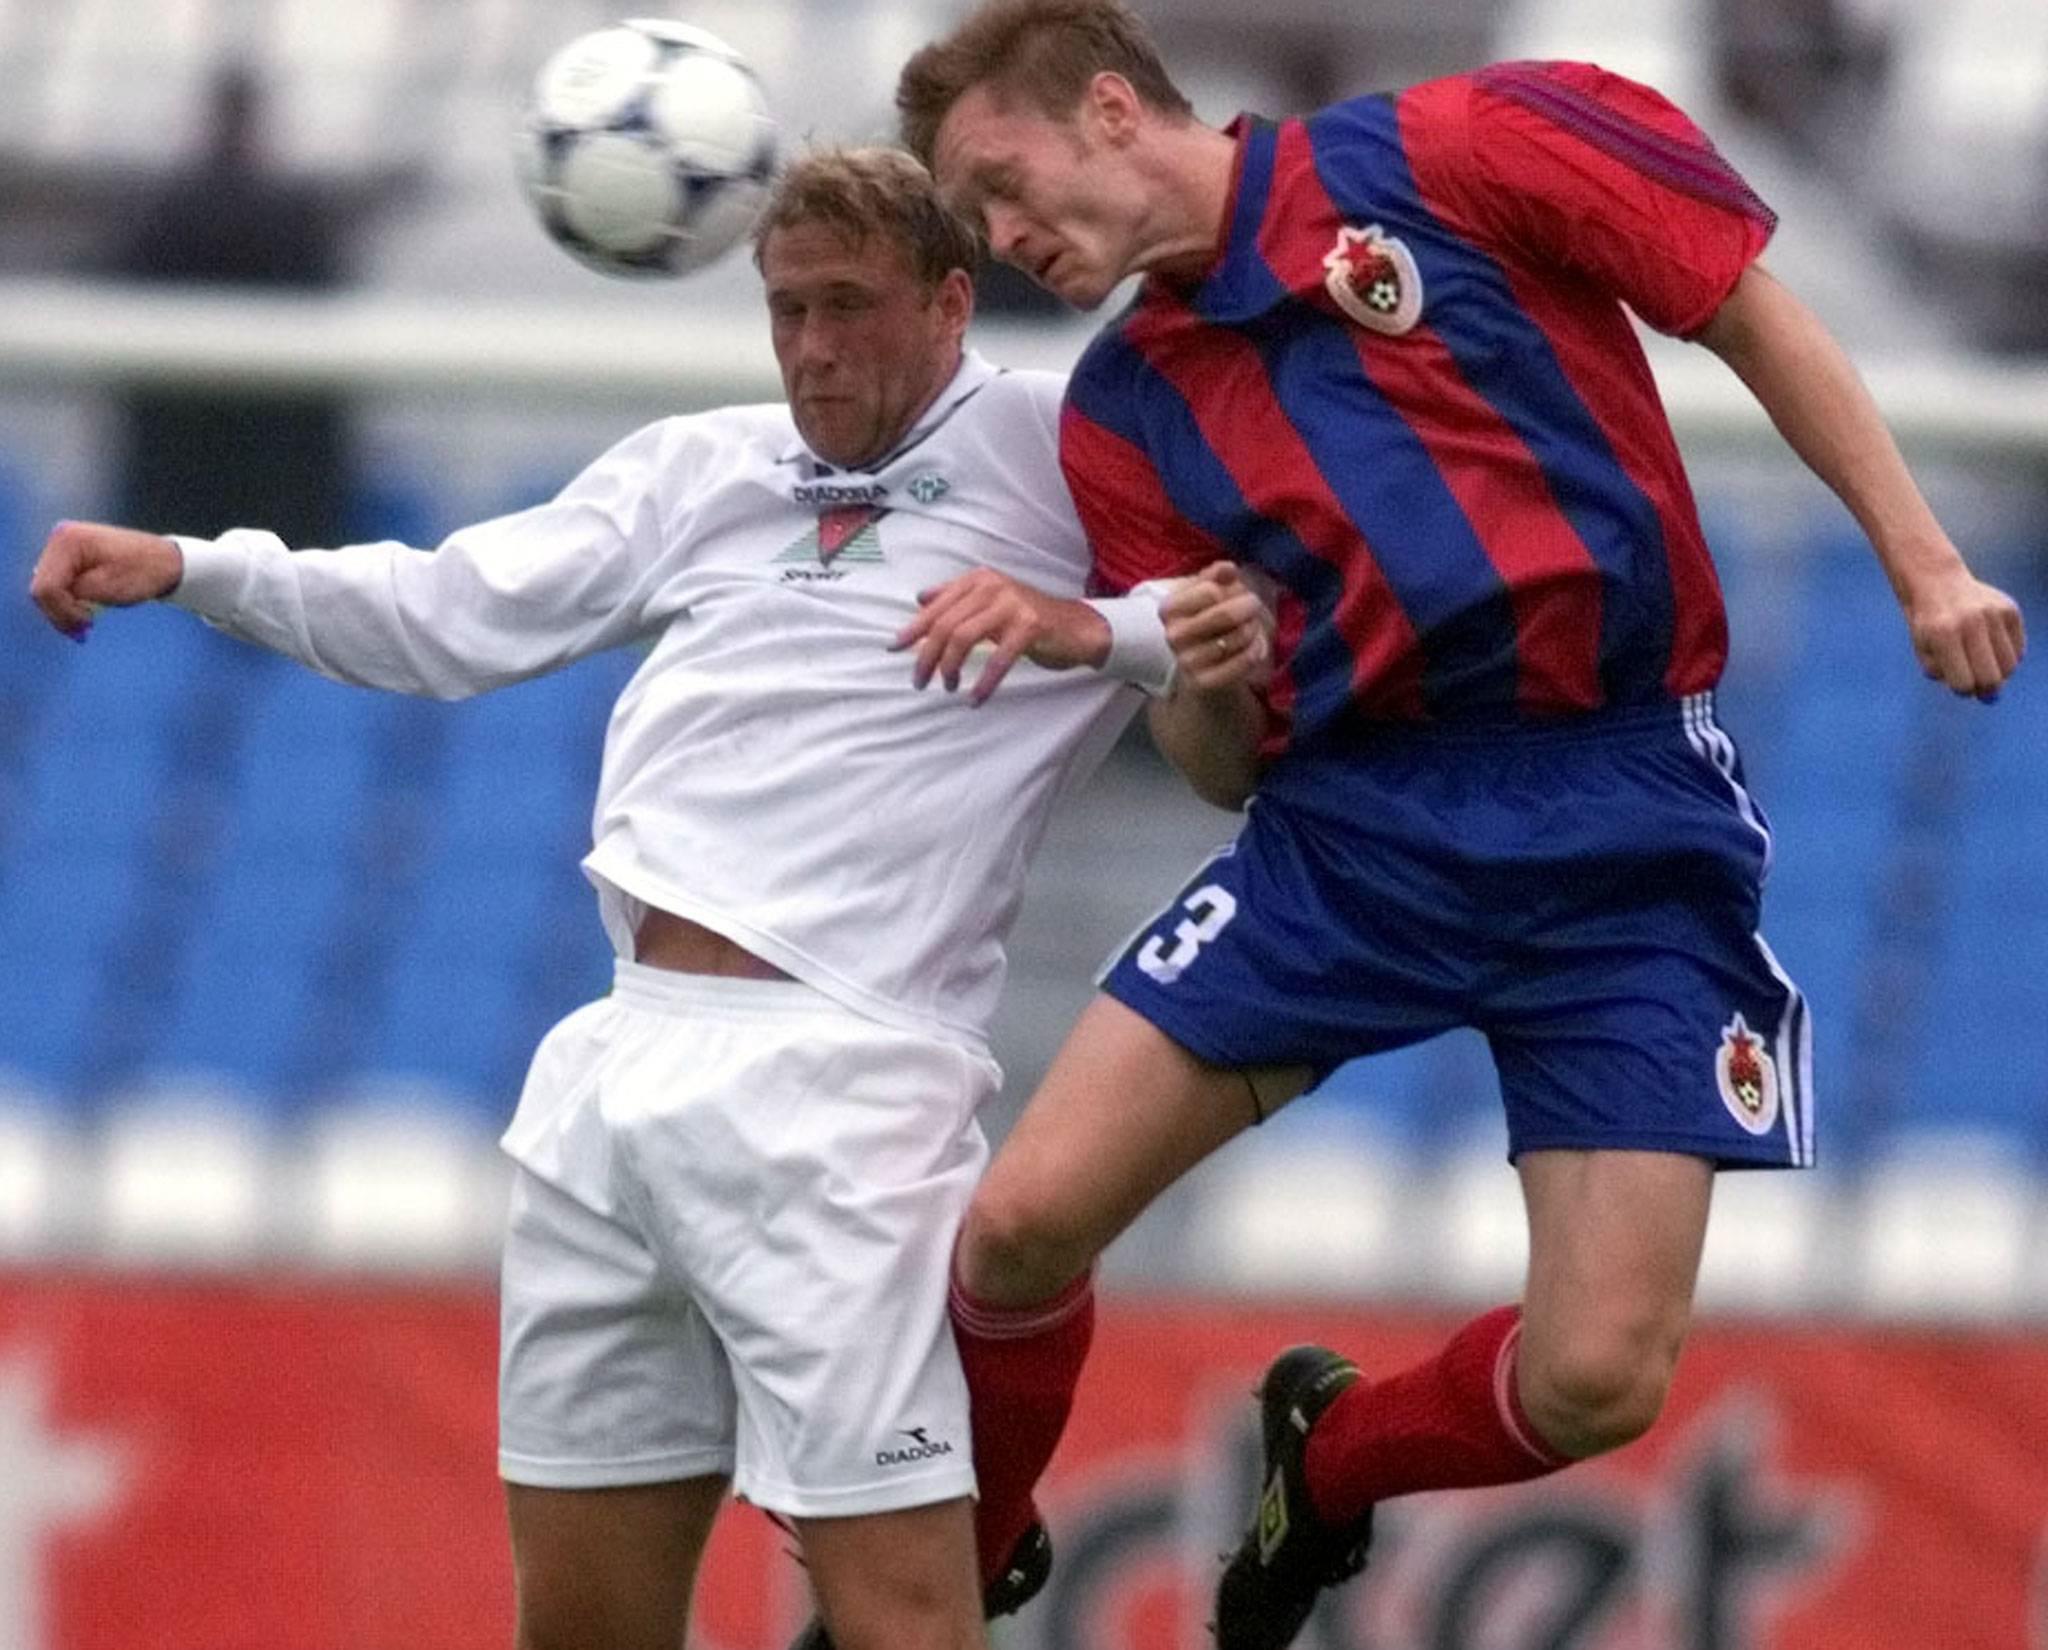 22 года назад ЦСКА потерпел кошмарное поражение в Мольде. Из-за этого футболистов оштрафовали на десятки тысяч долларов